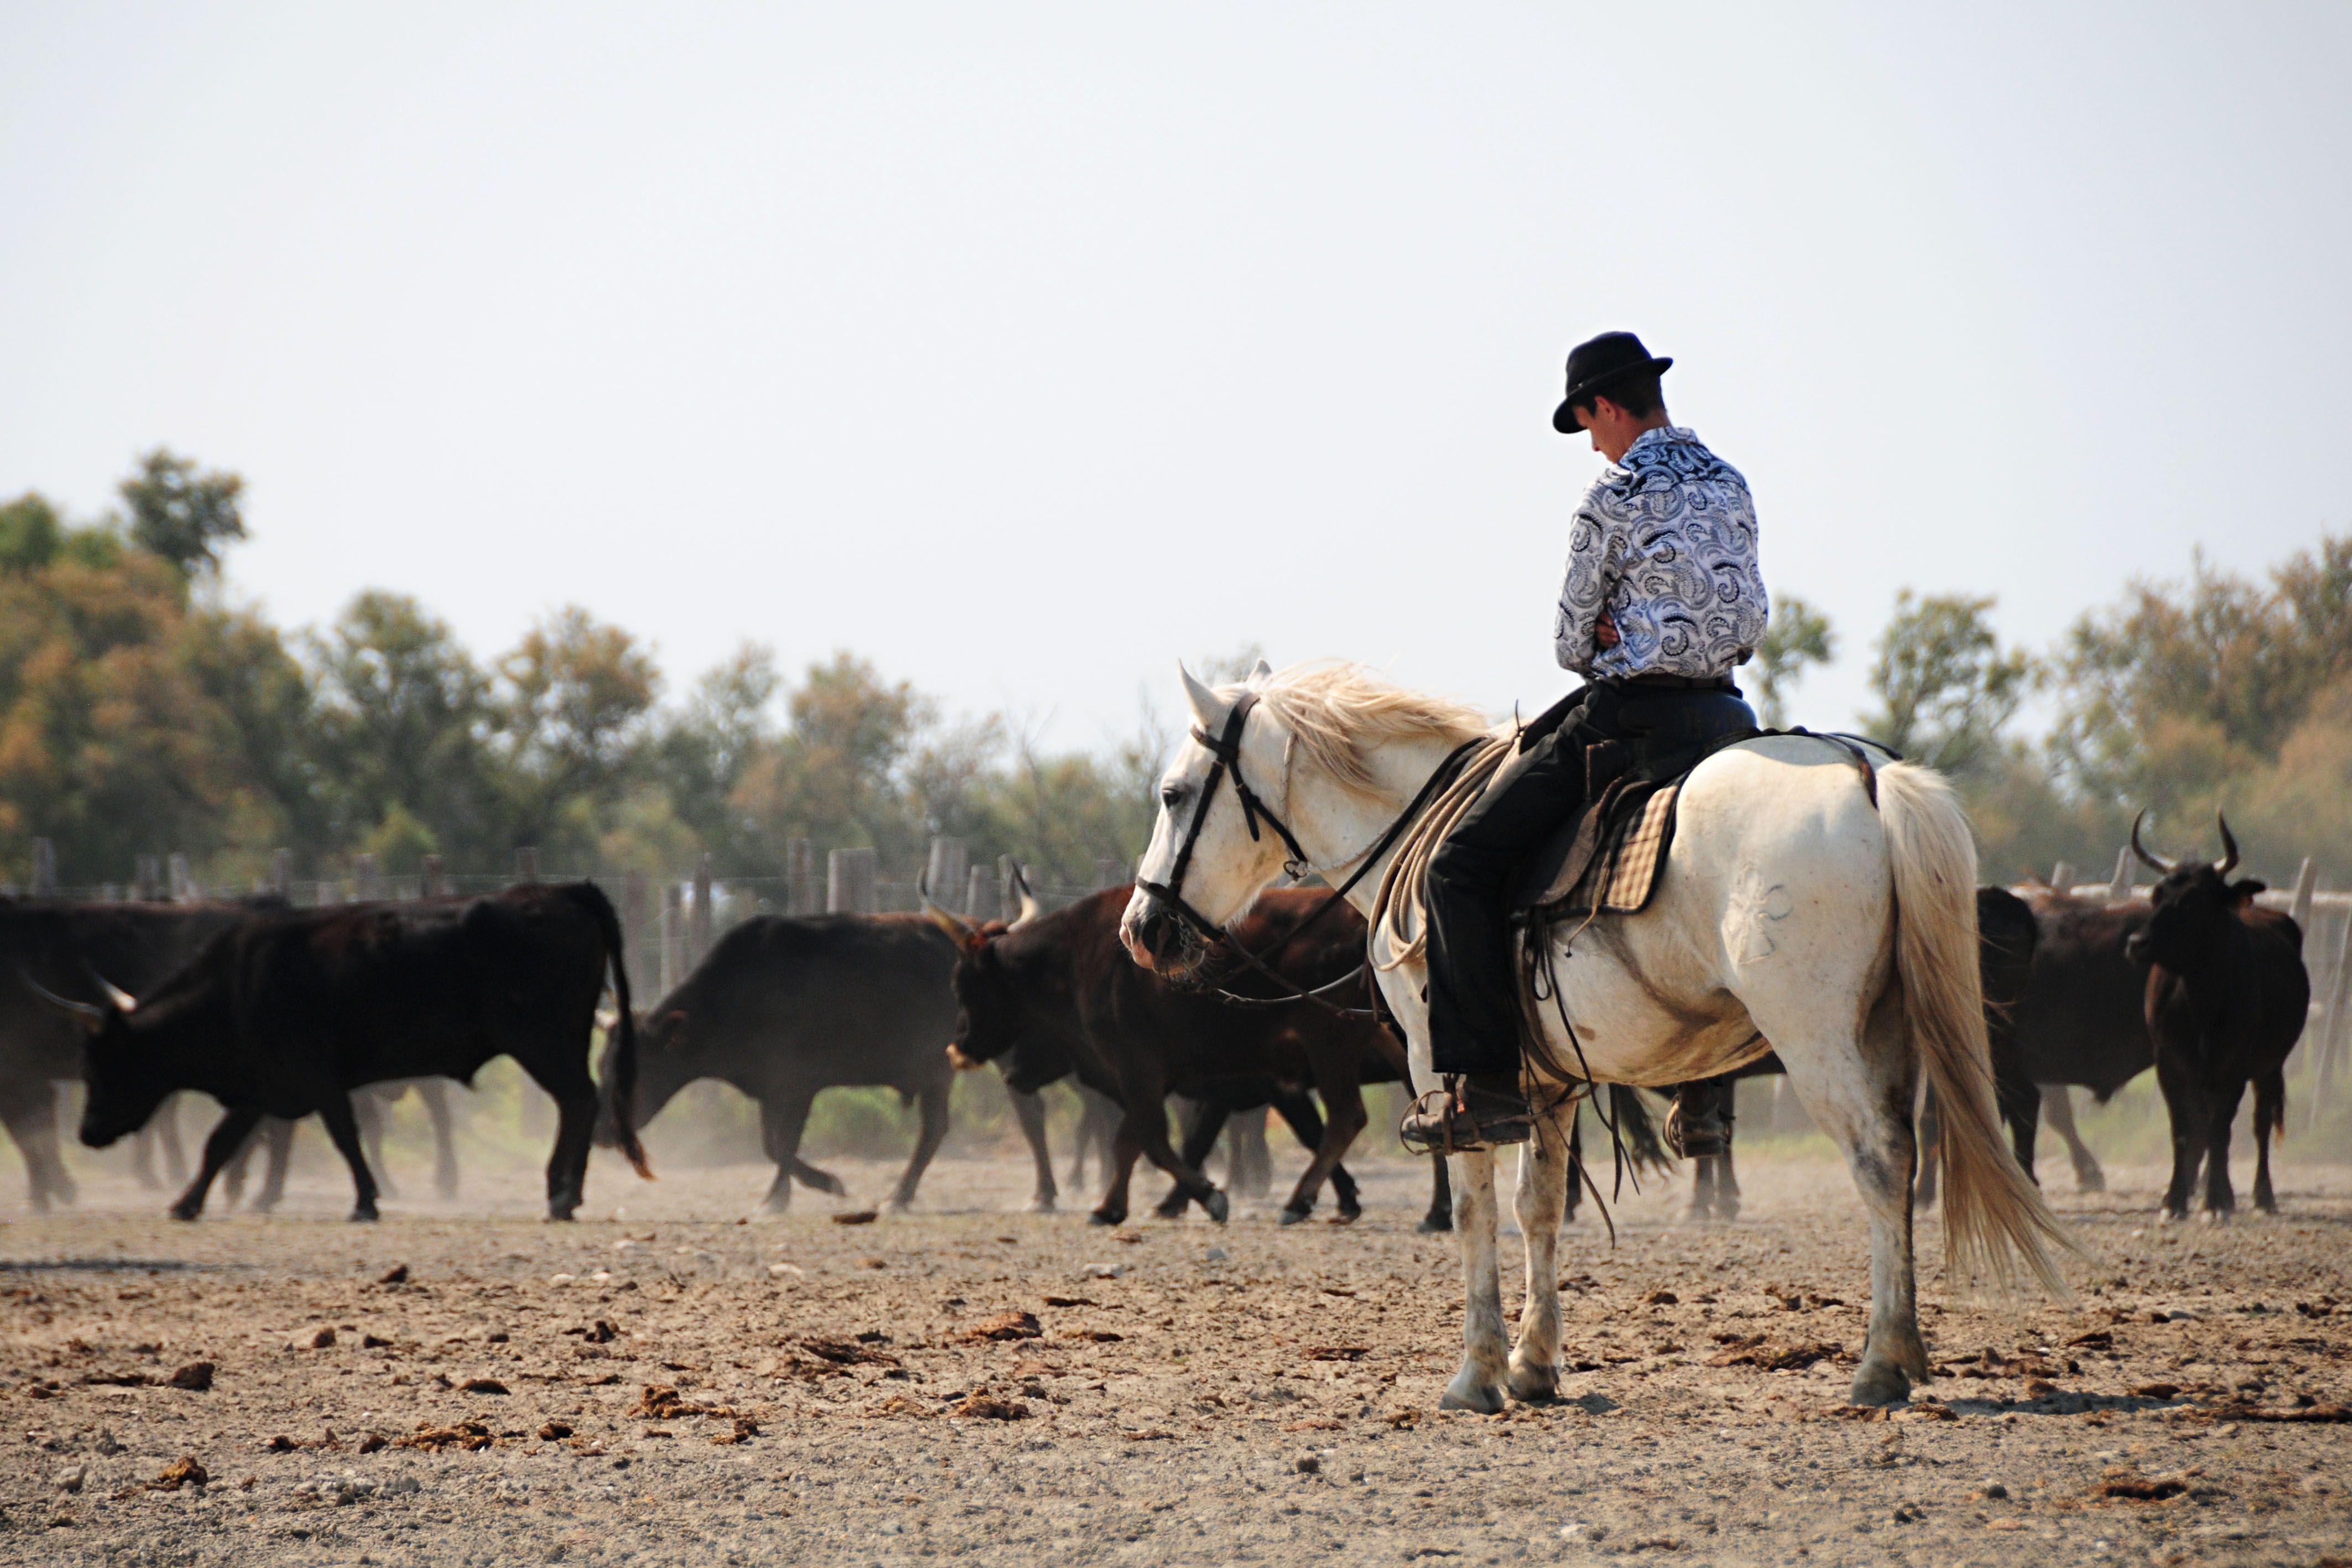 Feria du cheval 2013, Saintes Maries de la Mer. Travail du bétail interdisciplines: camargue.